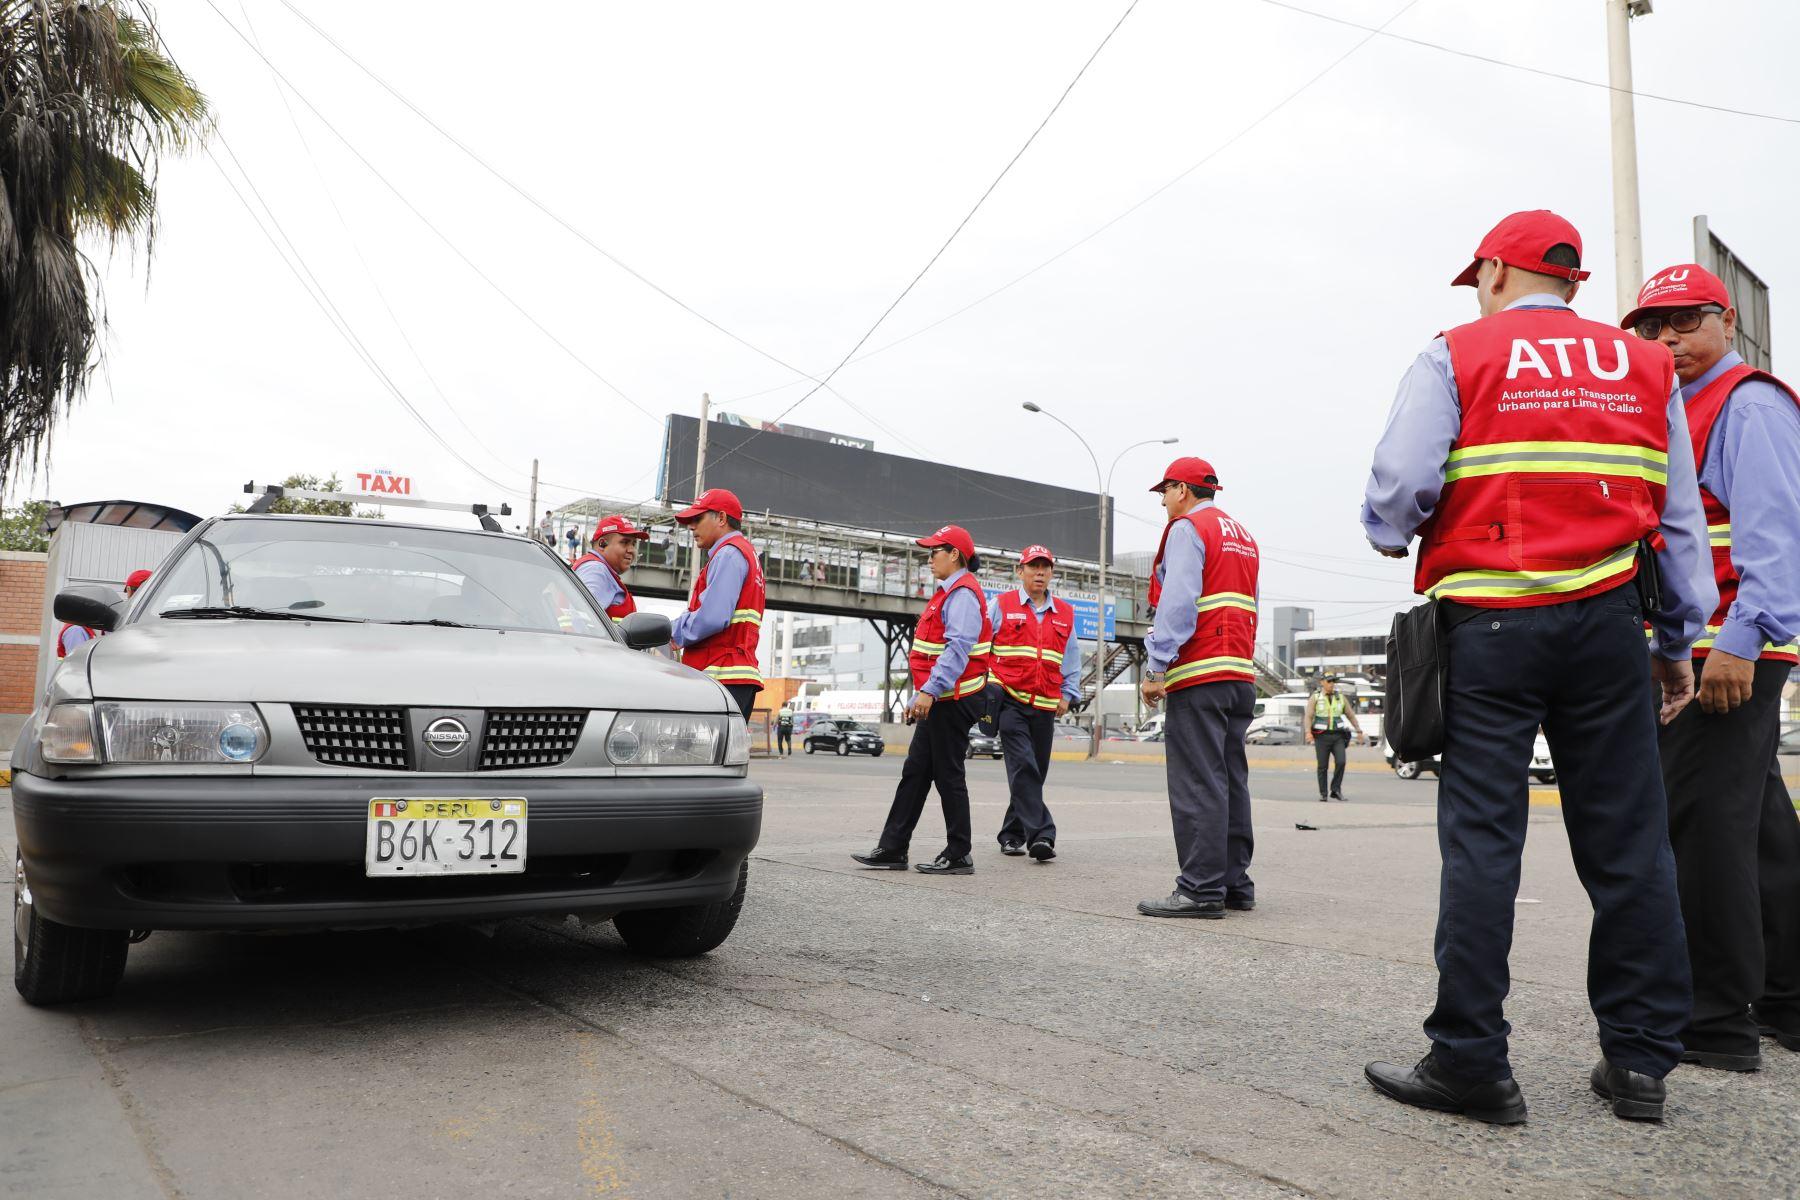 El resultado del operativo fue el siguiente: 105 vehículos intervenidos, imponiéndose 12 papeletas de tránsito y 19 actas de control de infracción de la ATU. Foto: ANDINA/ Difusión